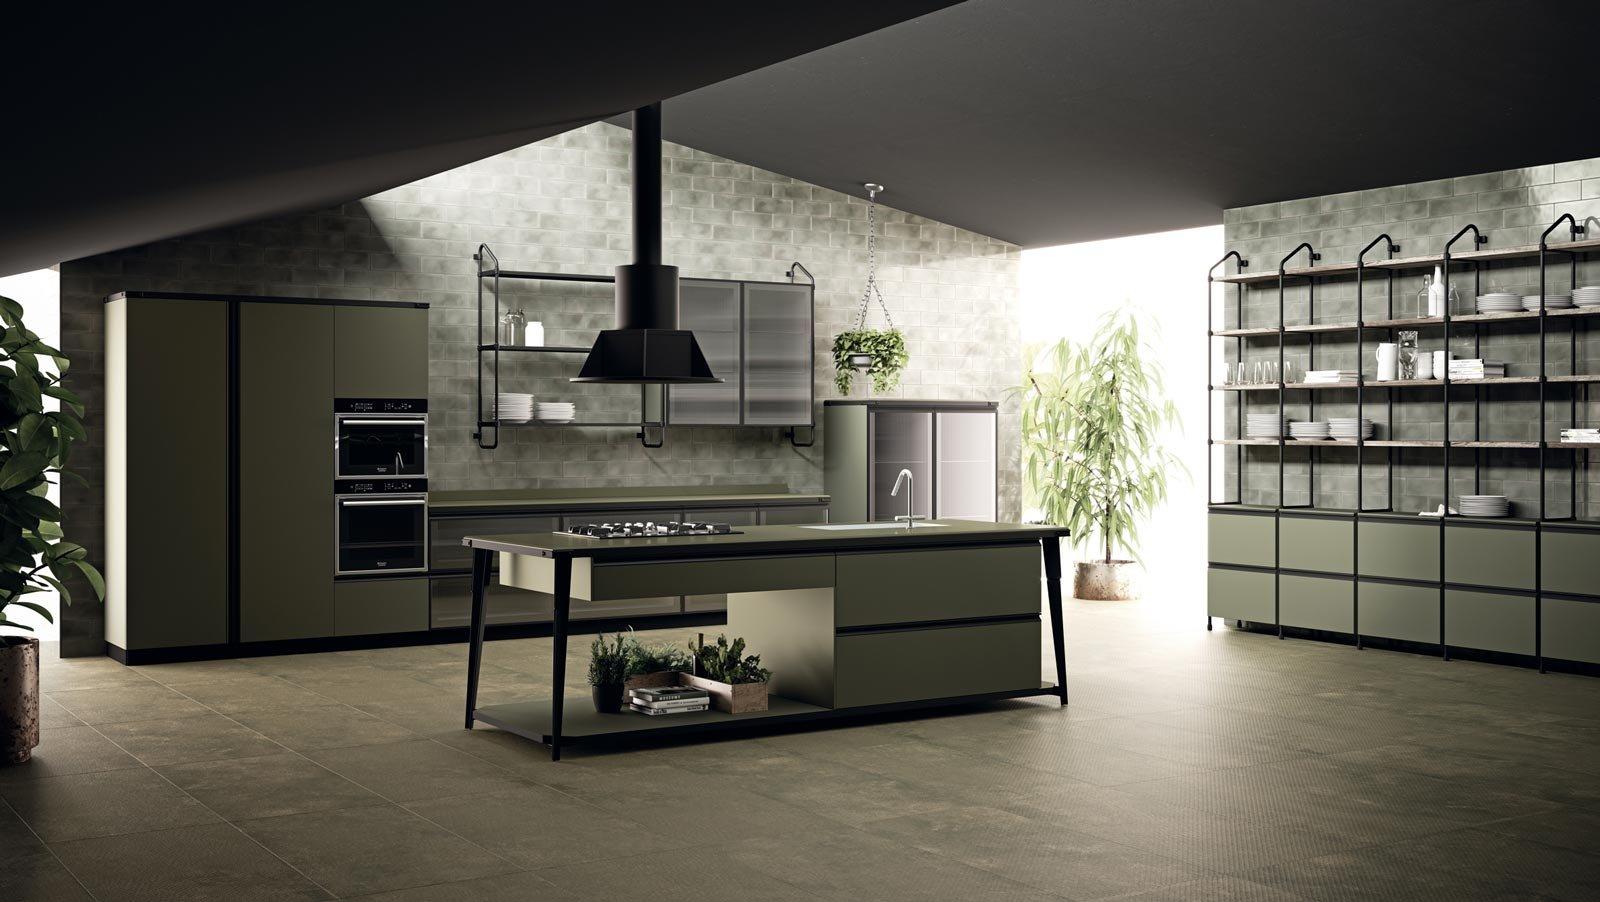 Diesel Open Workshop Per Scavolini è Il Nuovo Modello Presentato A  #737B50 1600 902 Cucina Stile Classico Moderno